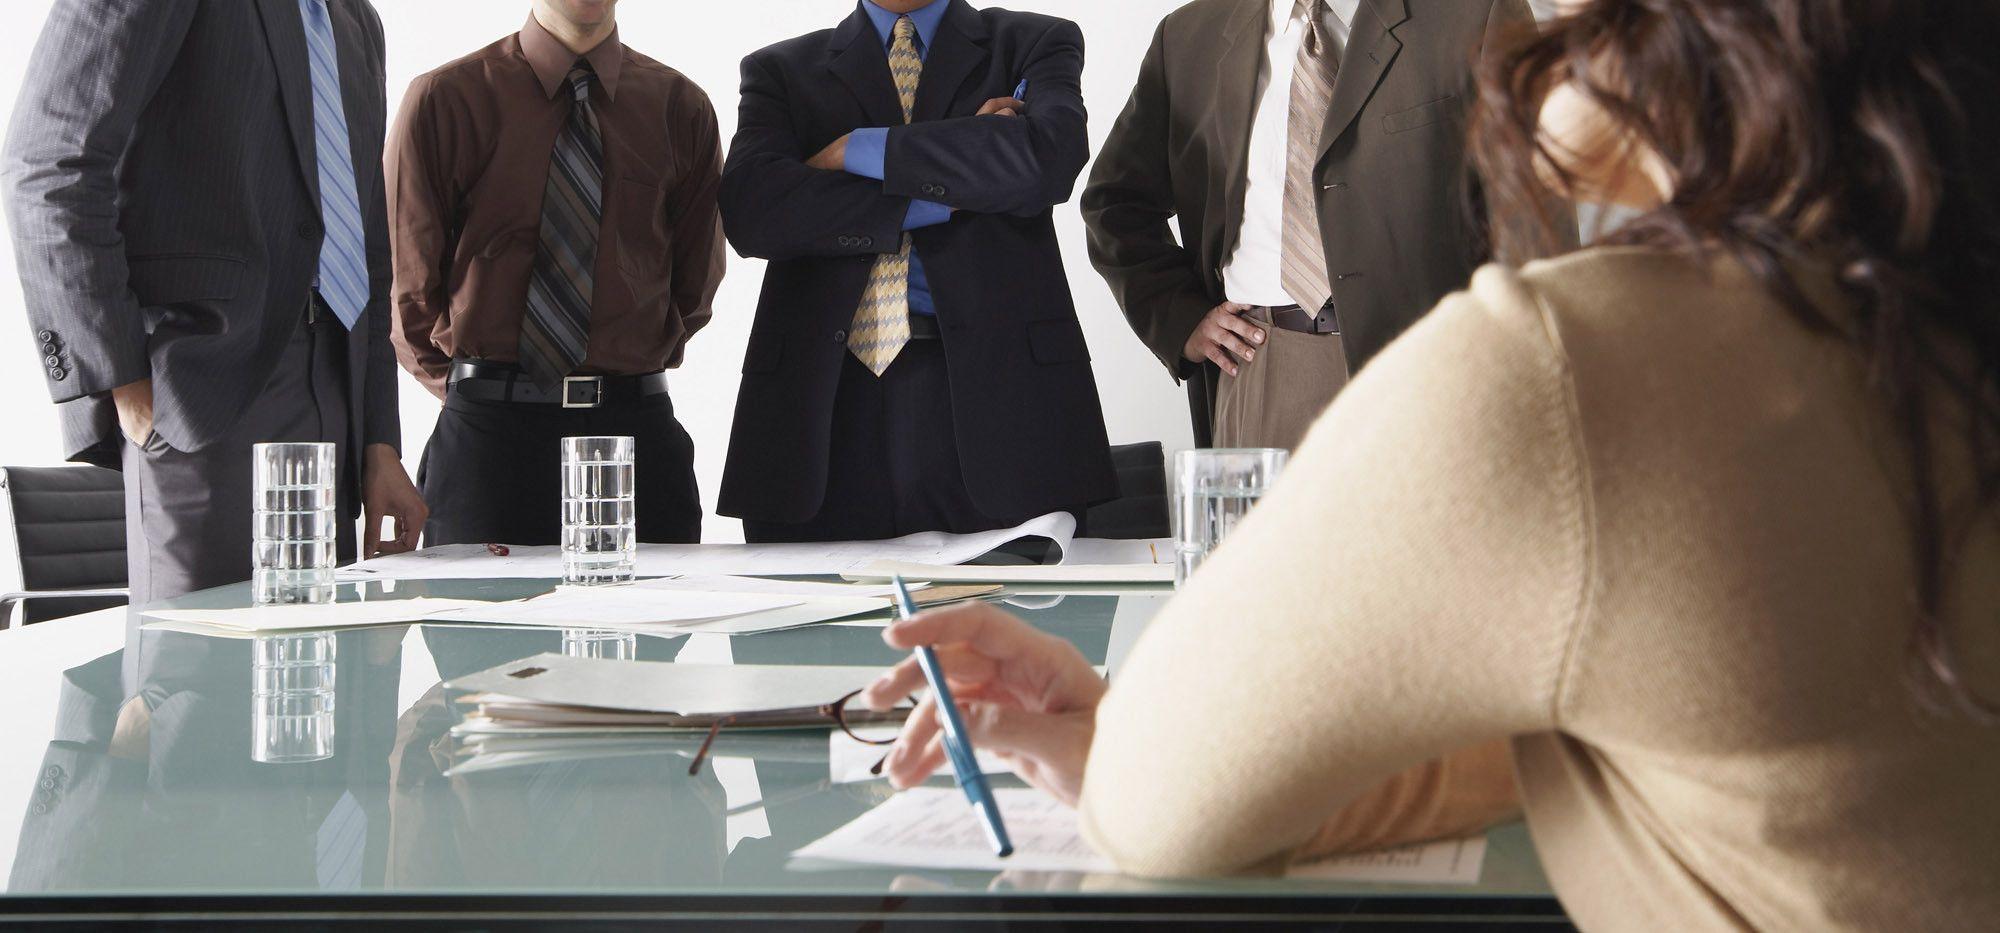 La participación laboral de las mujeres es un 32% menor que la de los hombres